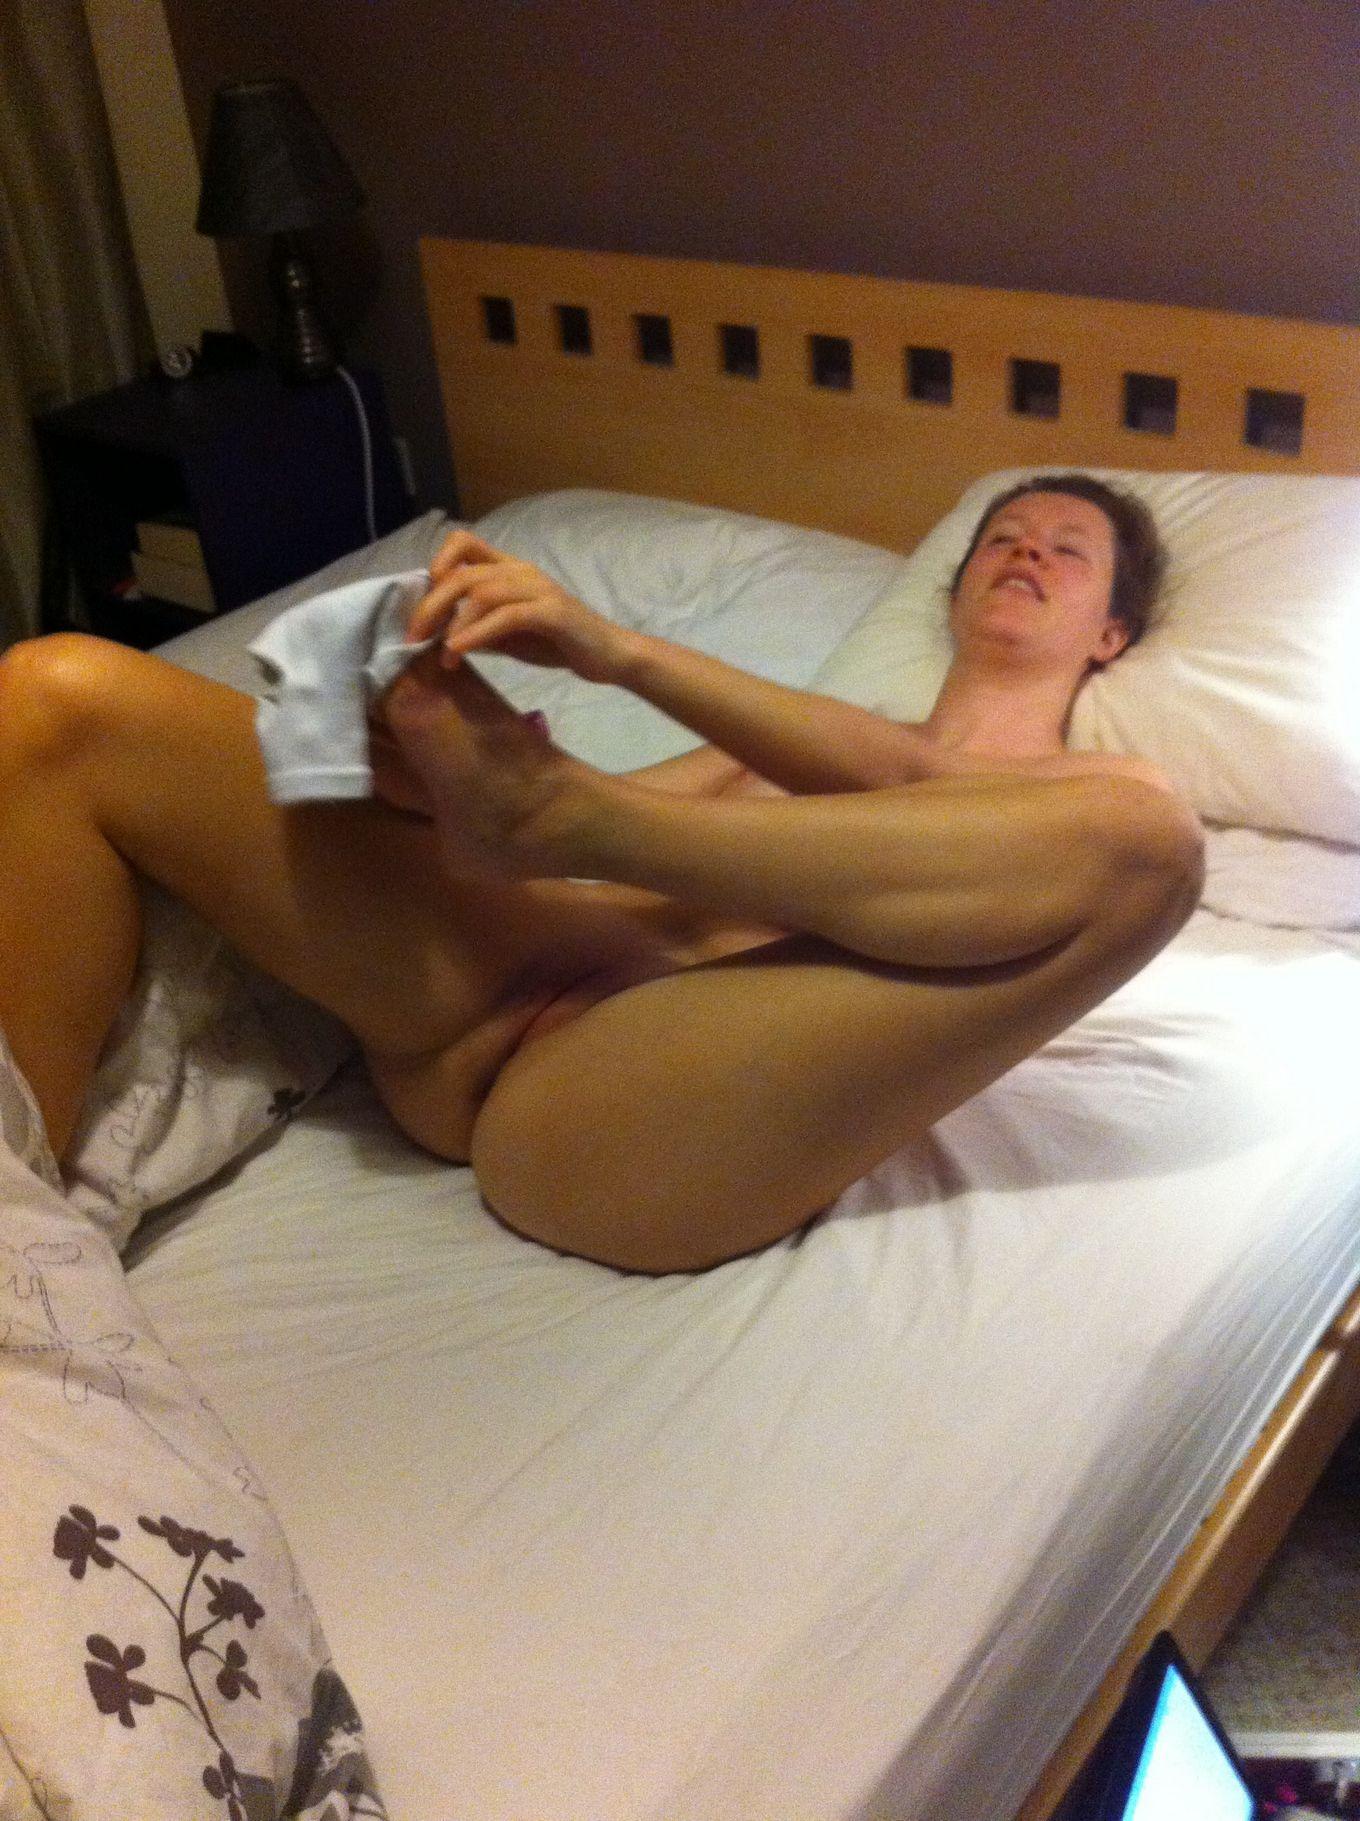 Элли показывает киску с близкого расстояния лежа в постели